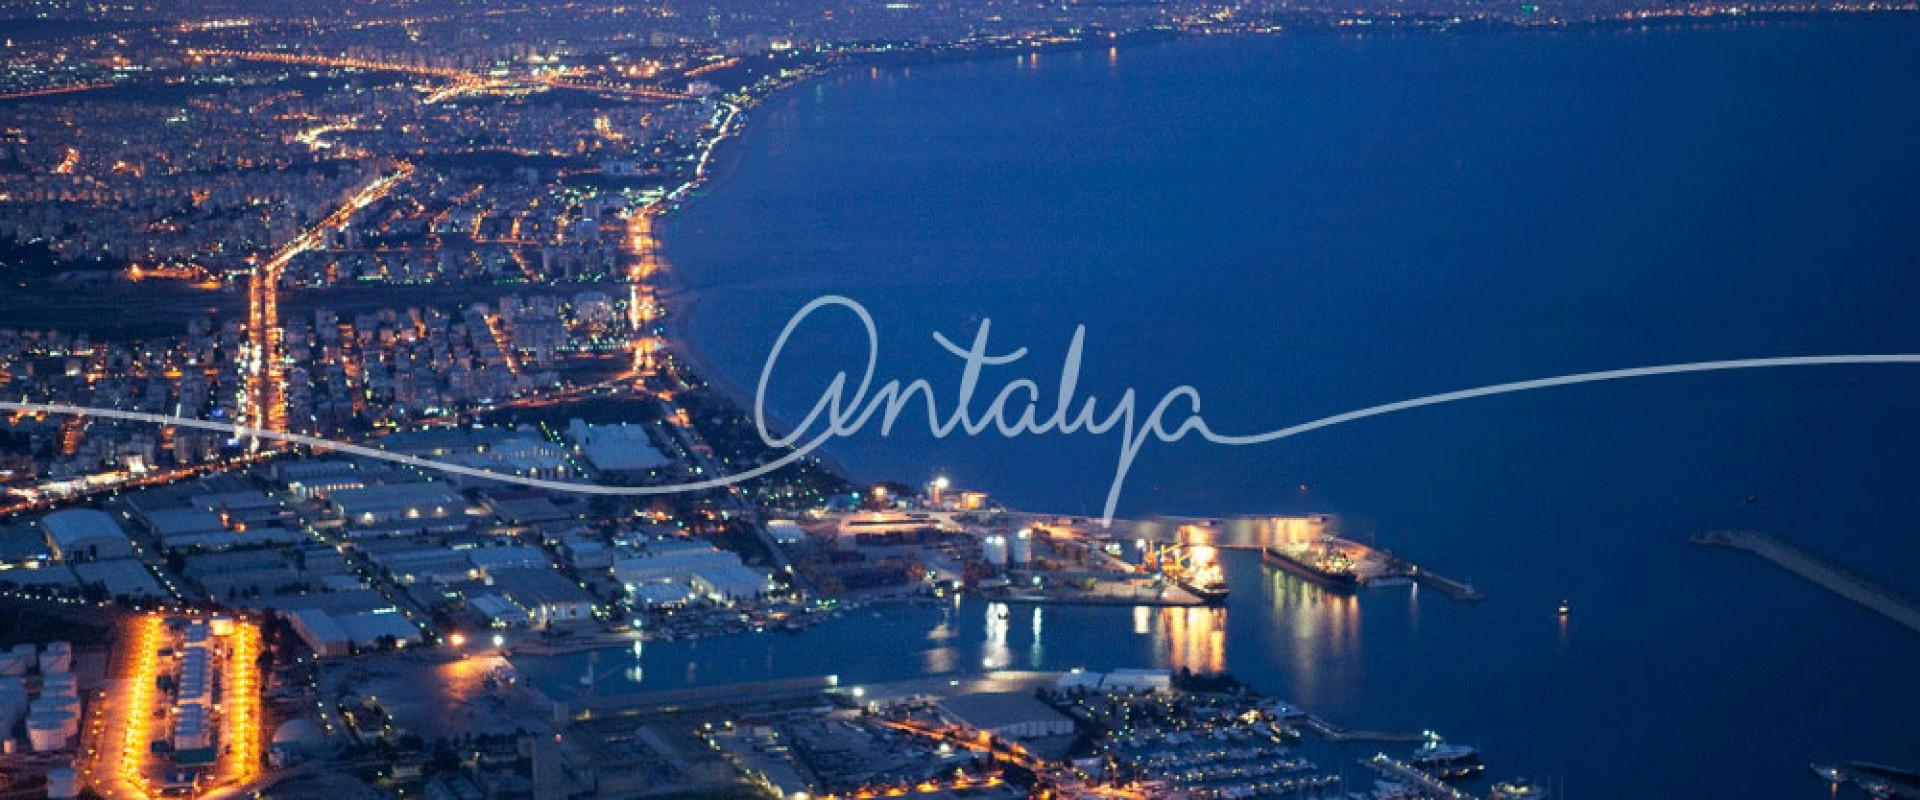 Distanțele rutiere dintre aeroportul Antalya și stațiunile provinciei